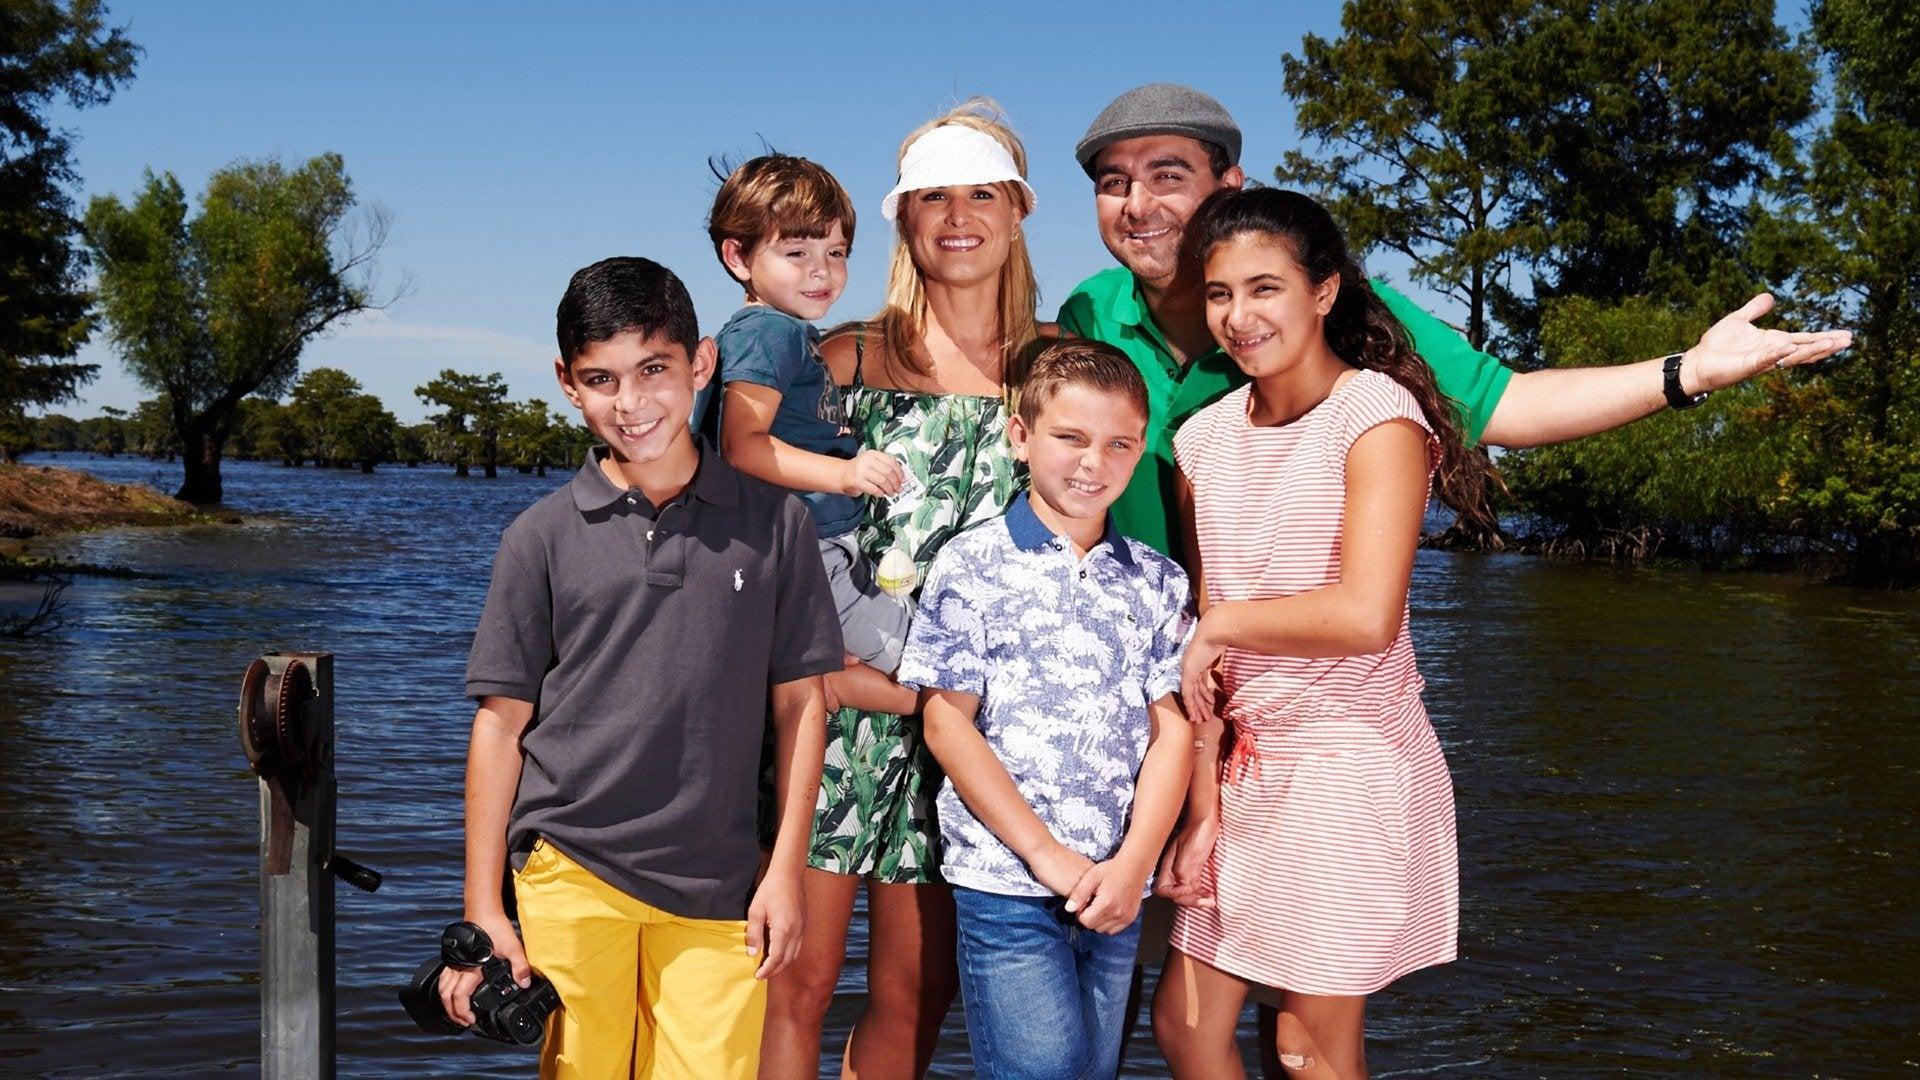 Buddy's Family Vacation